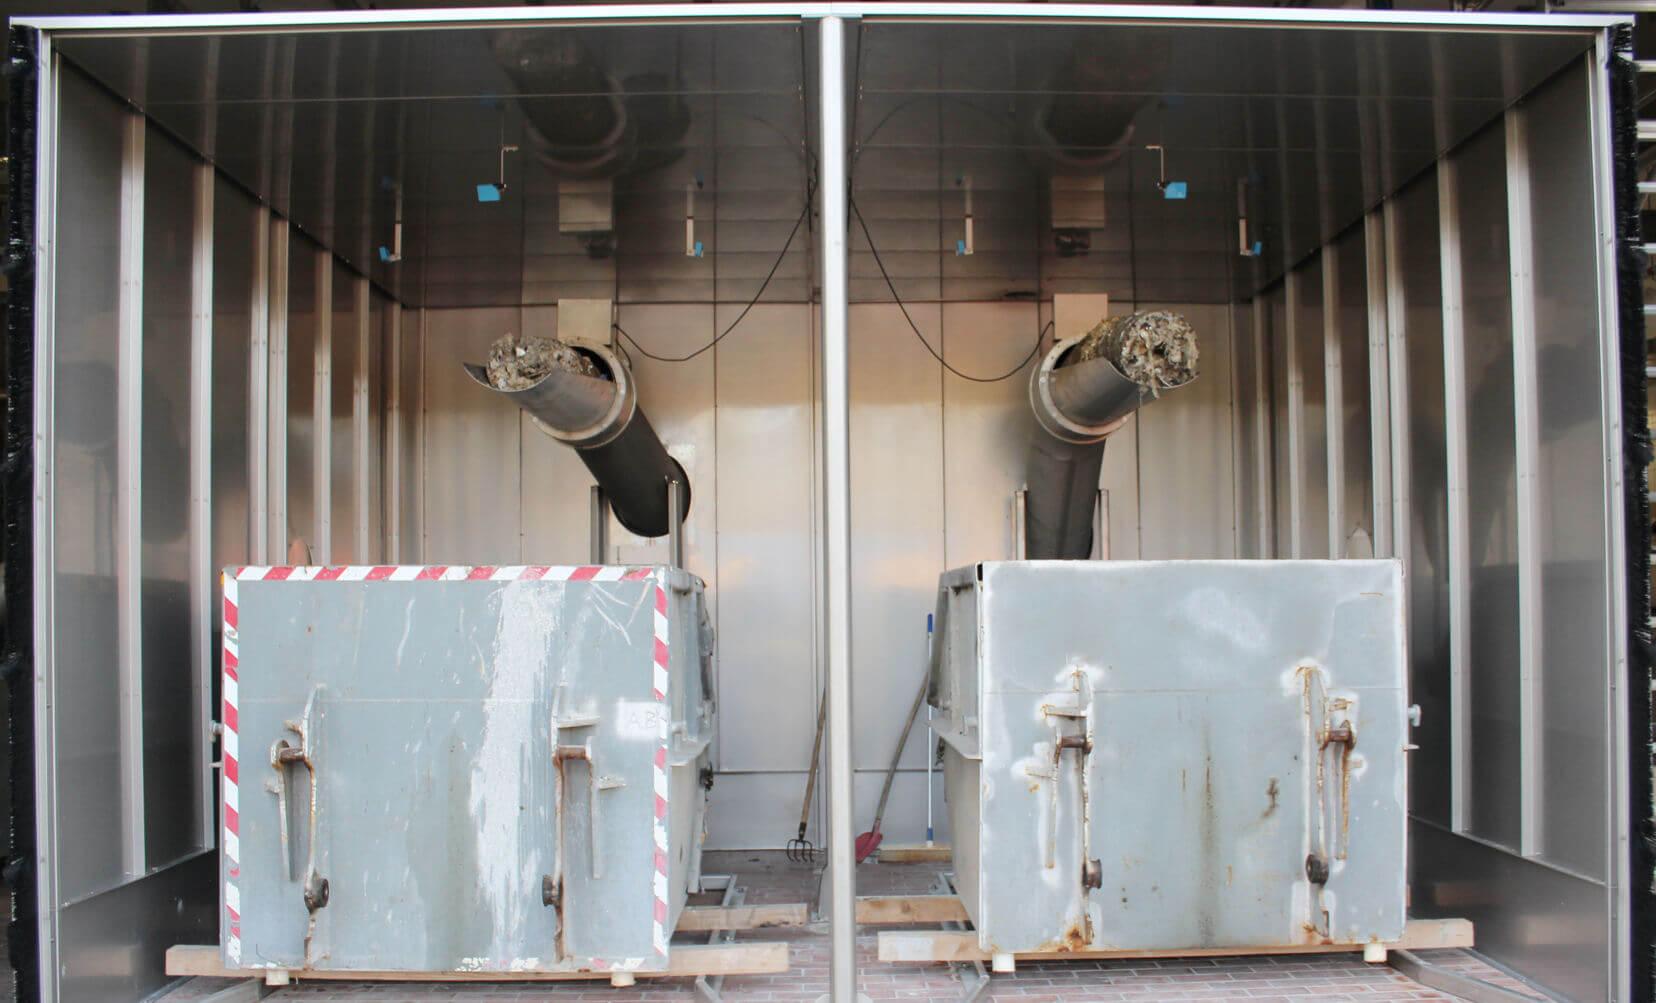 Harkenumlaufrechen Boomerang XL, Pegelstandreguliersystem, Schwemmsystem, Granit Rechengutwaschpresse, Rechengutverteilanlage, Containergaragen mit Absaugung, Testanlage zur Verhinderung von Sandablagerungen in den Gerinnen